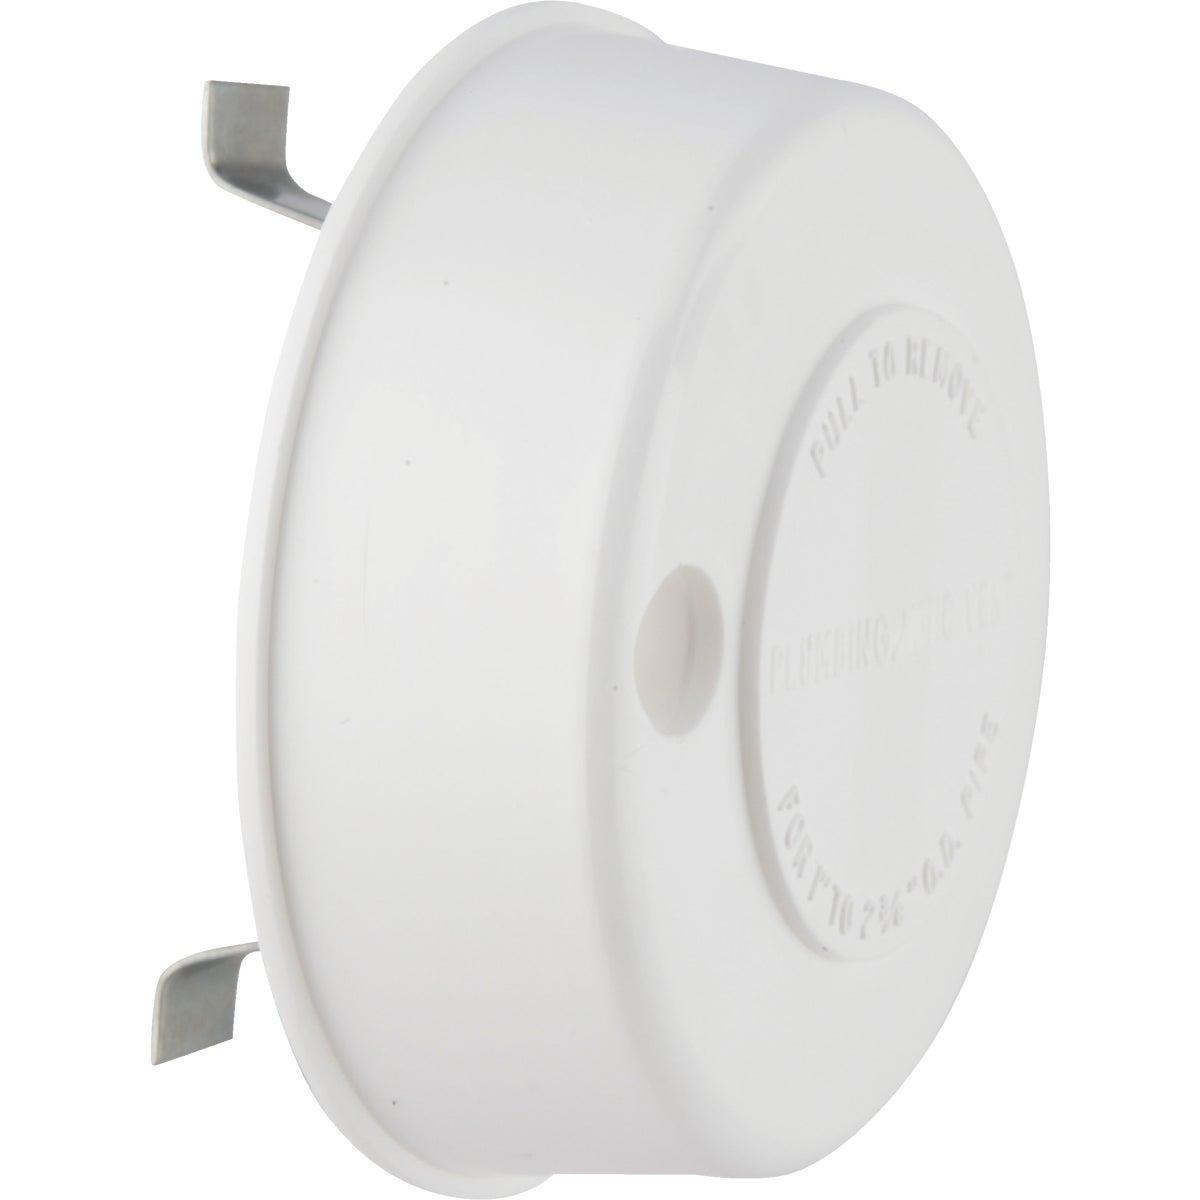 WHITE PLUMBING VENT CAP